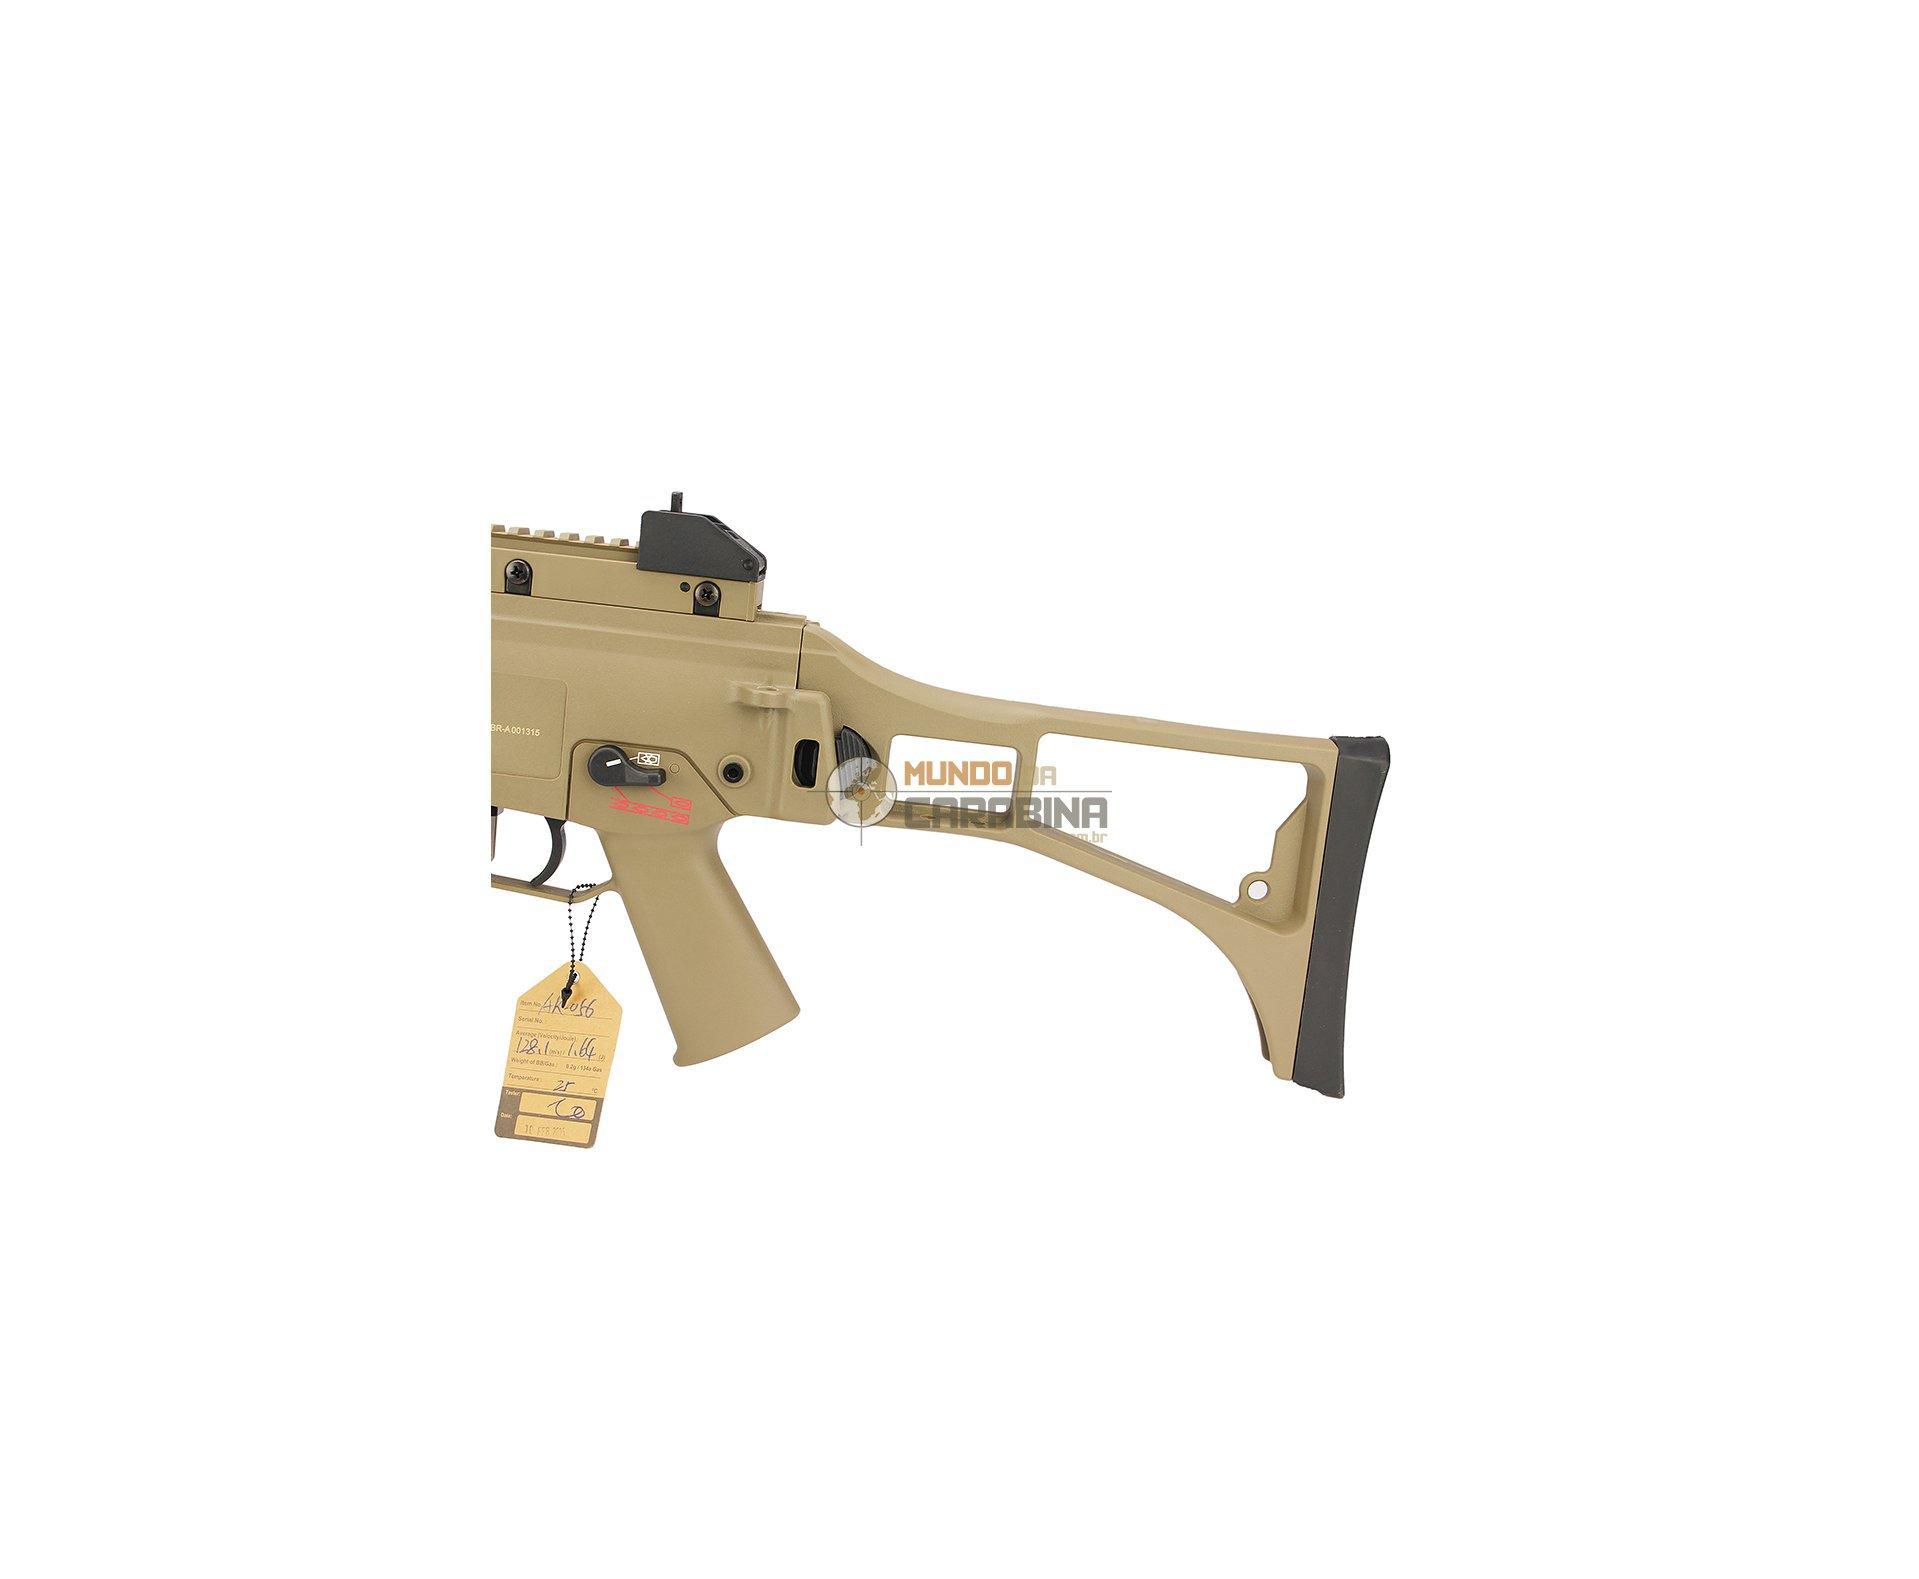 Rifle De Airsoft G36 Full Metal Blowback Tan - Cal 6.0mm - Ares